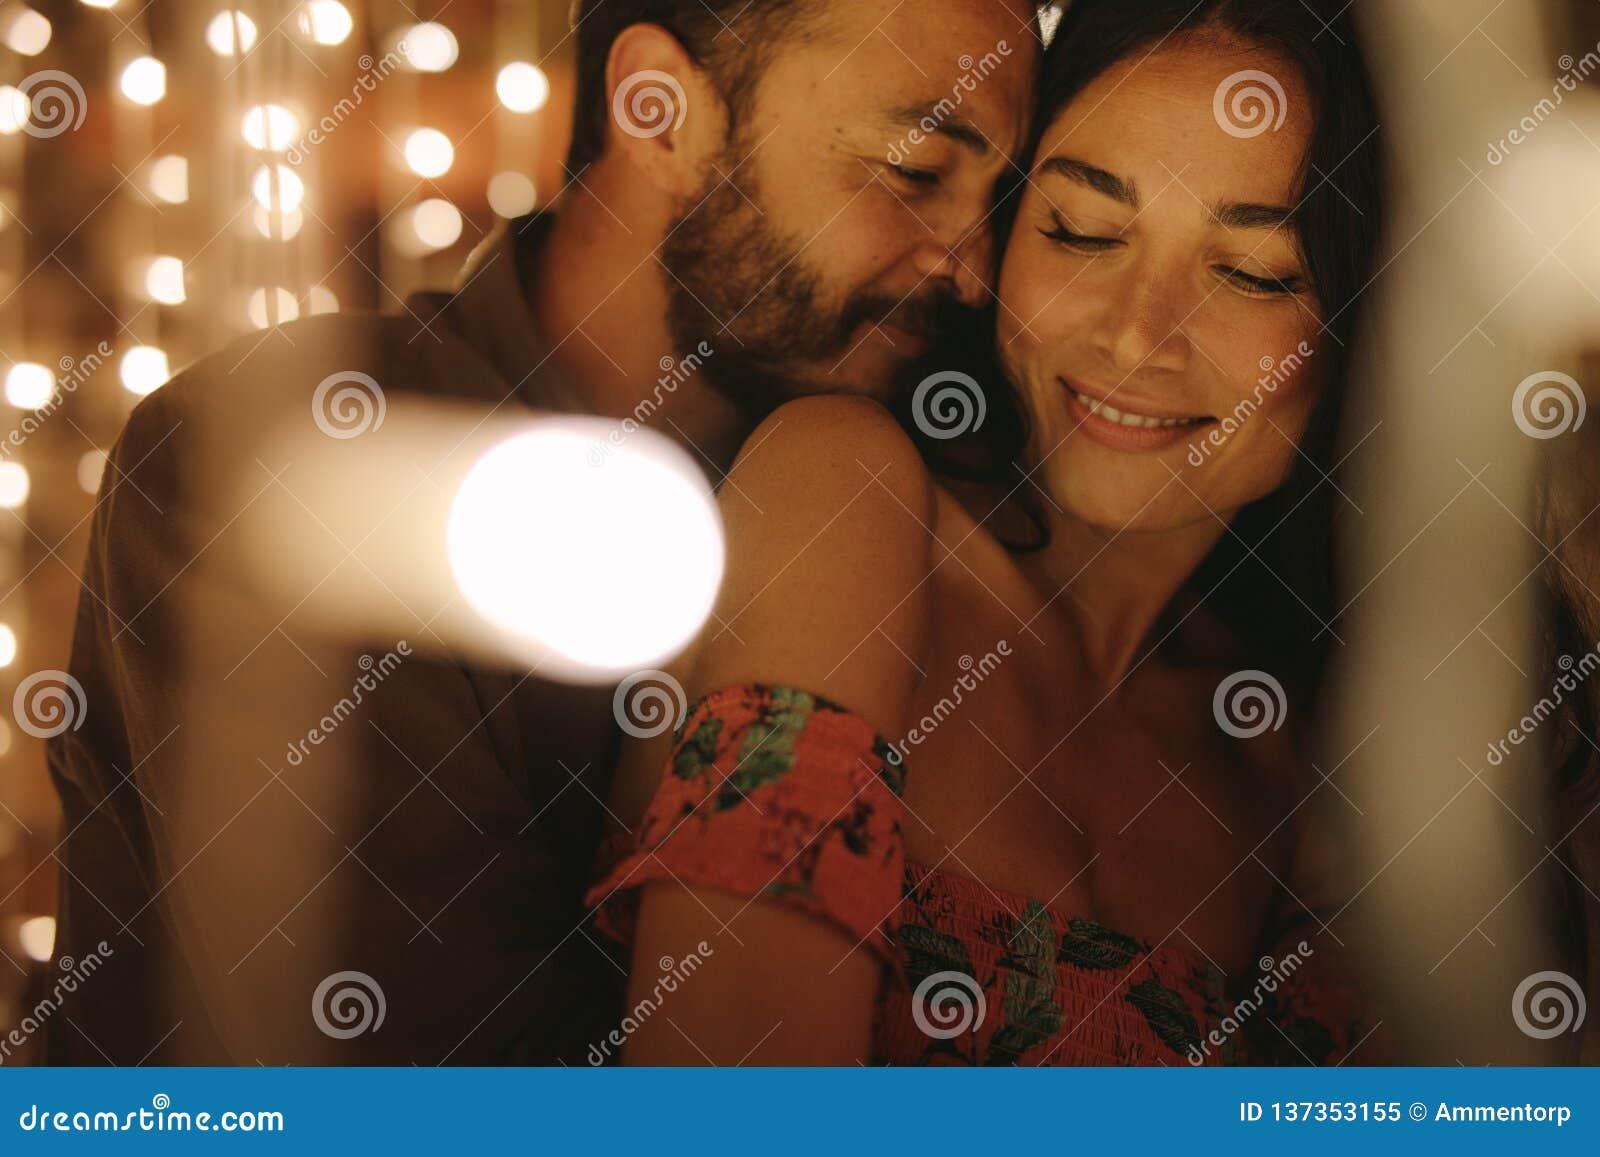 Соедините наслаждаться интимным моментом совместно